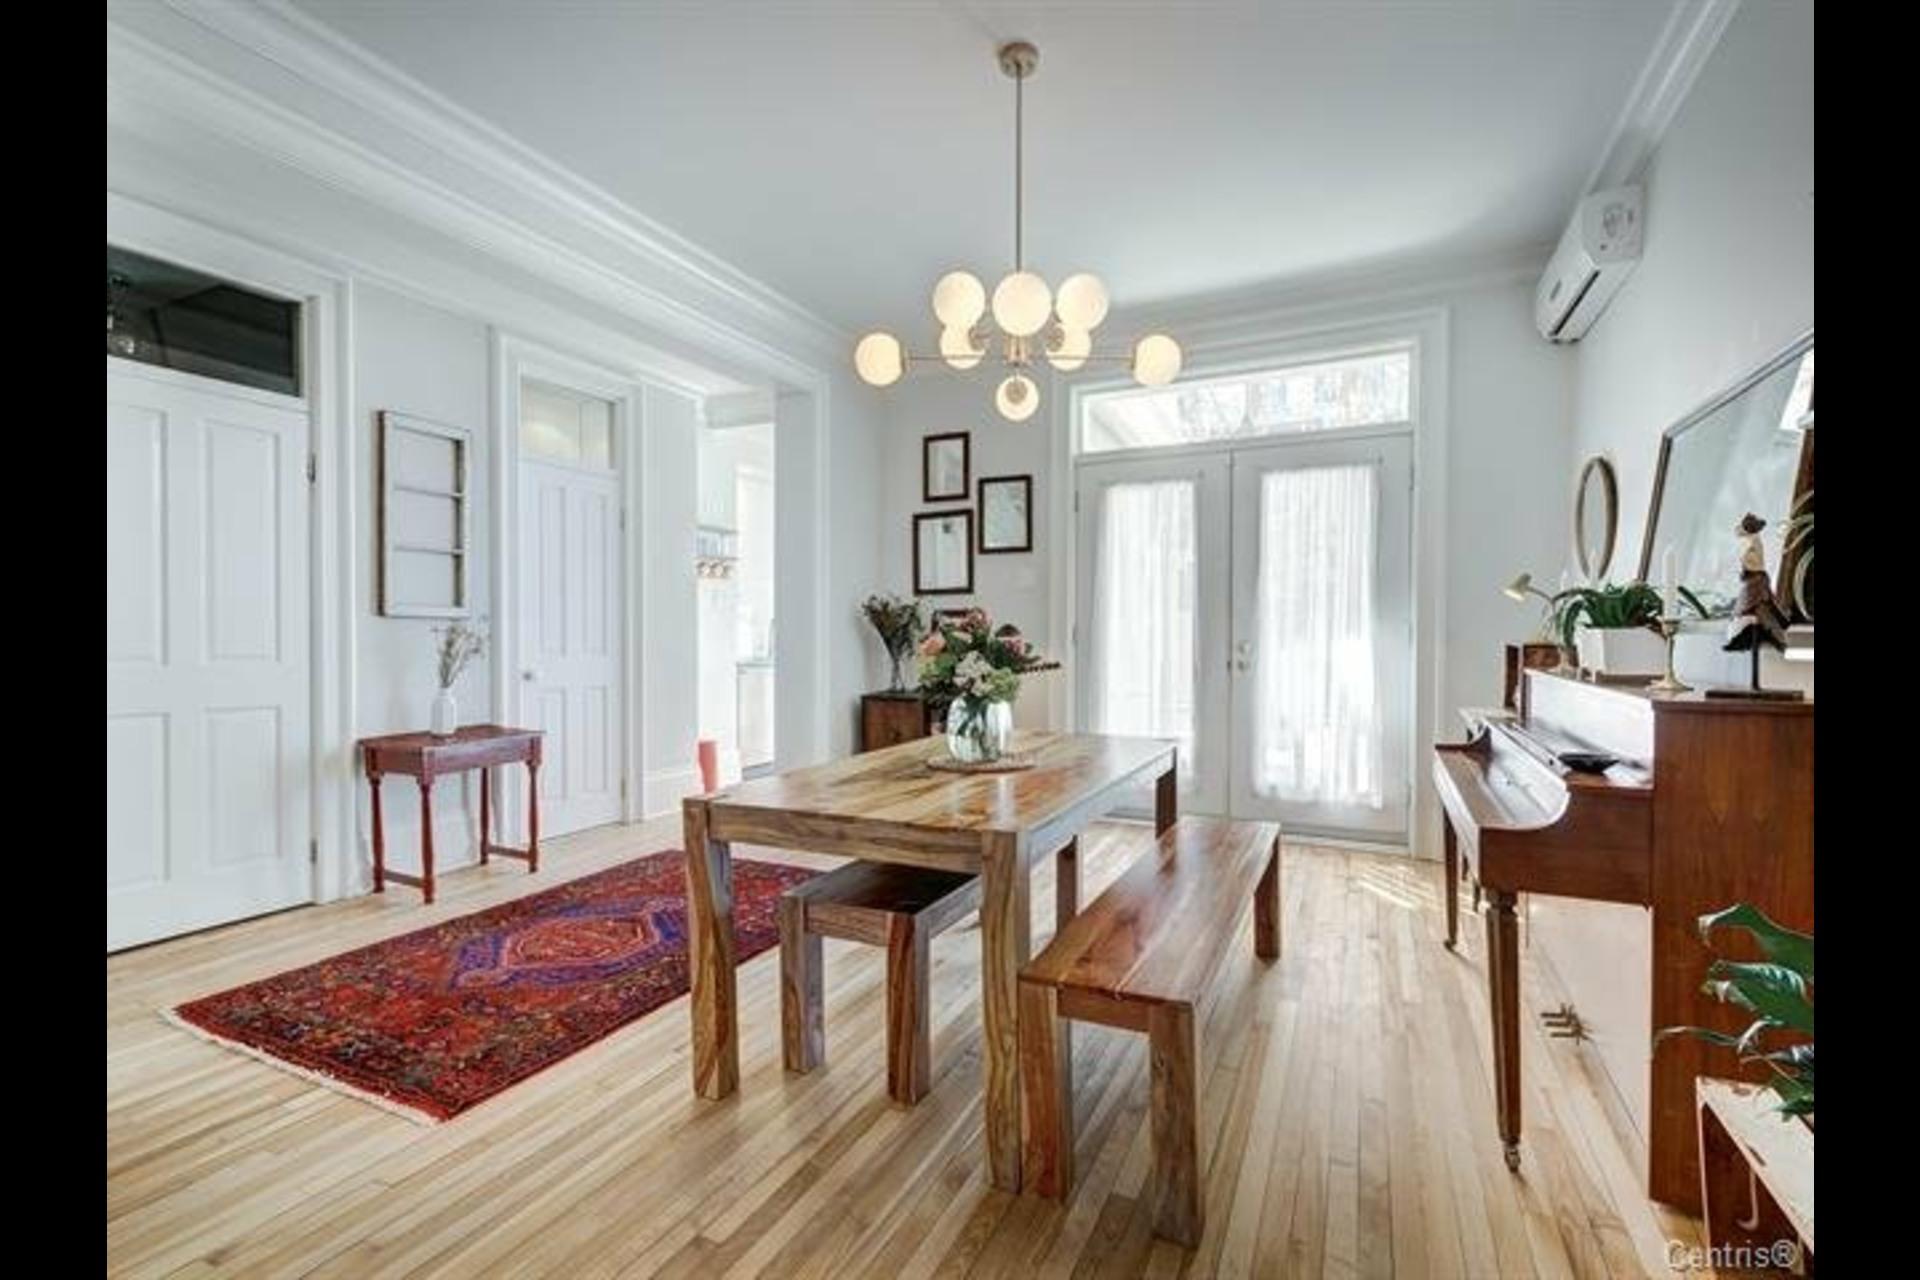 image 8 - Maison À vendre Le Plateau-Mont-Royal Montréal  - 6 pièces